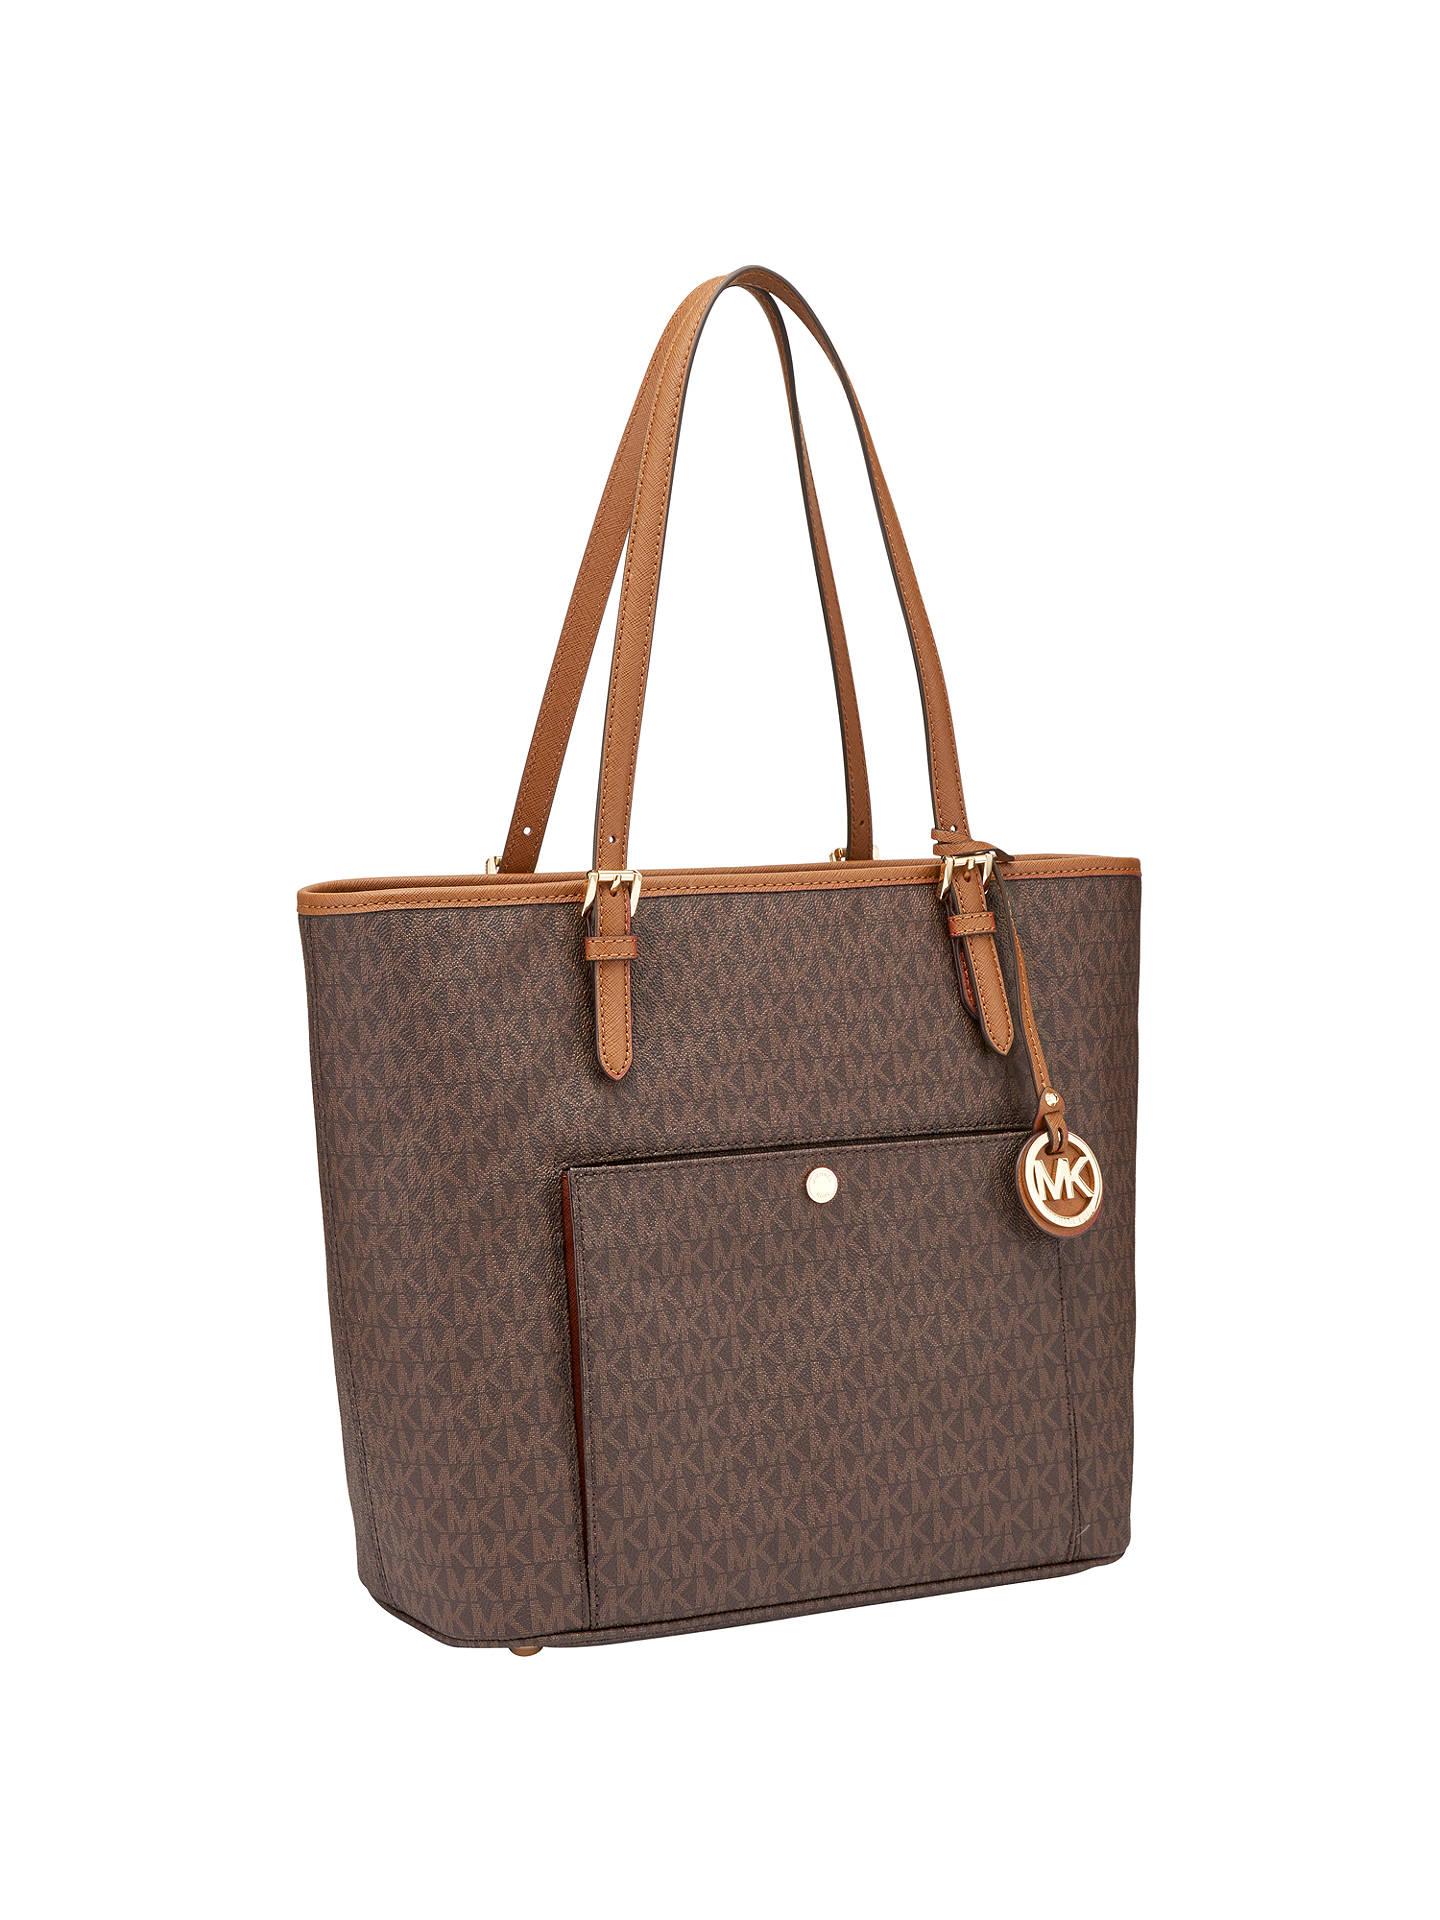 Michael Kors Jet Set Item Leather Large Snap Pocket Tote Bag Brown Online At